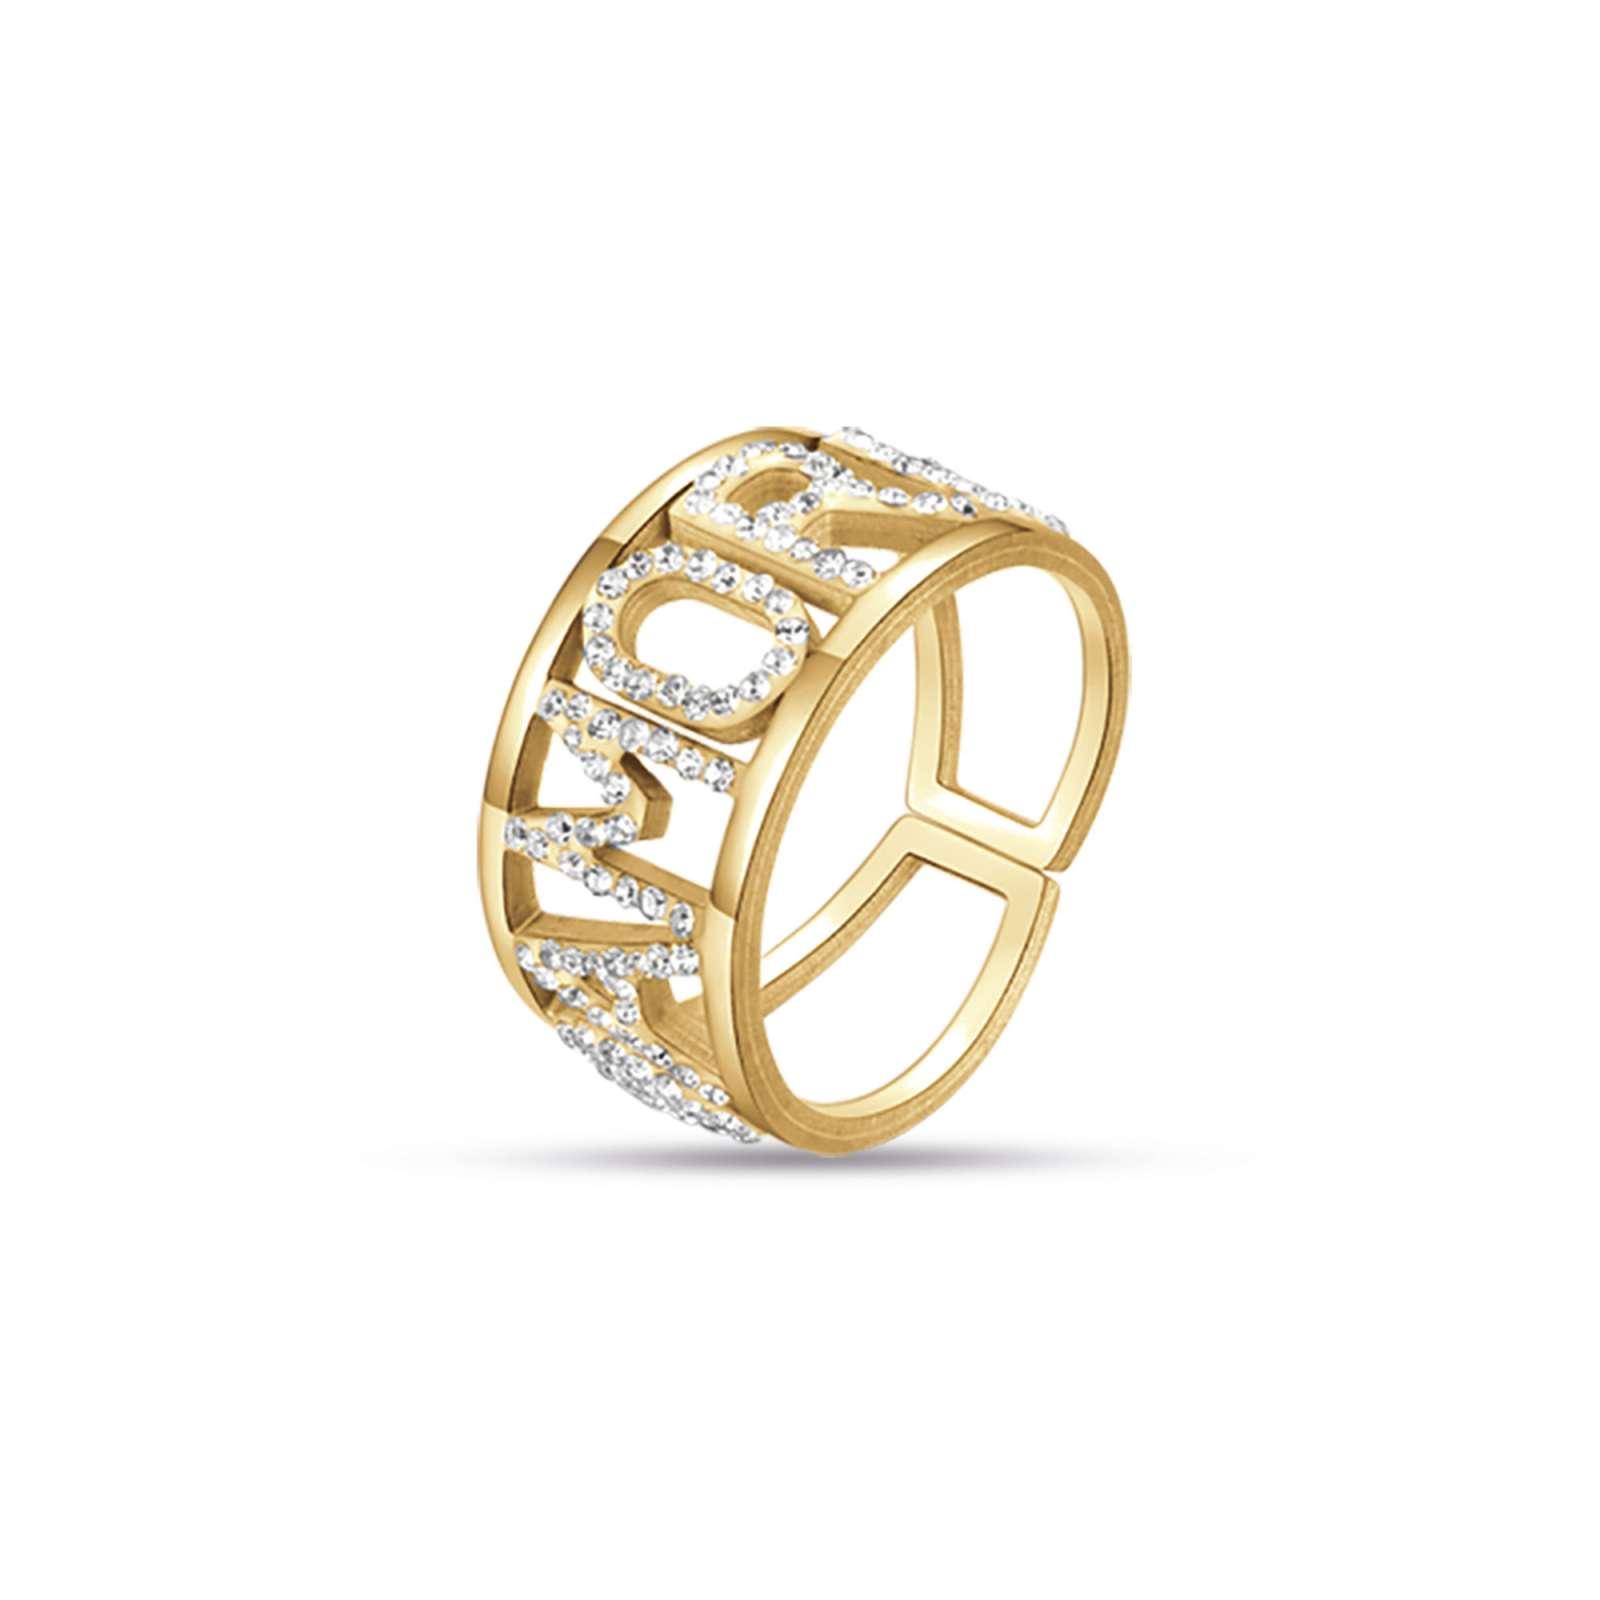 Luca Barra - Anello in acciaio gold amore con cristalli bianchi